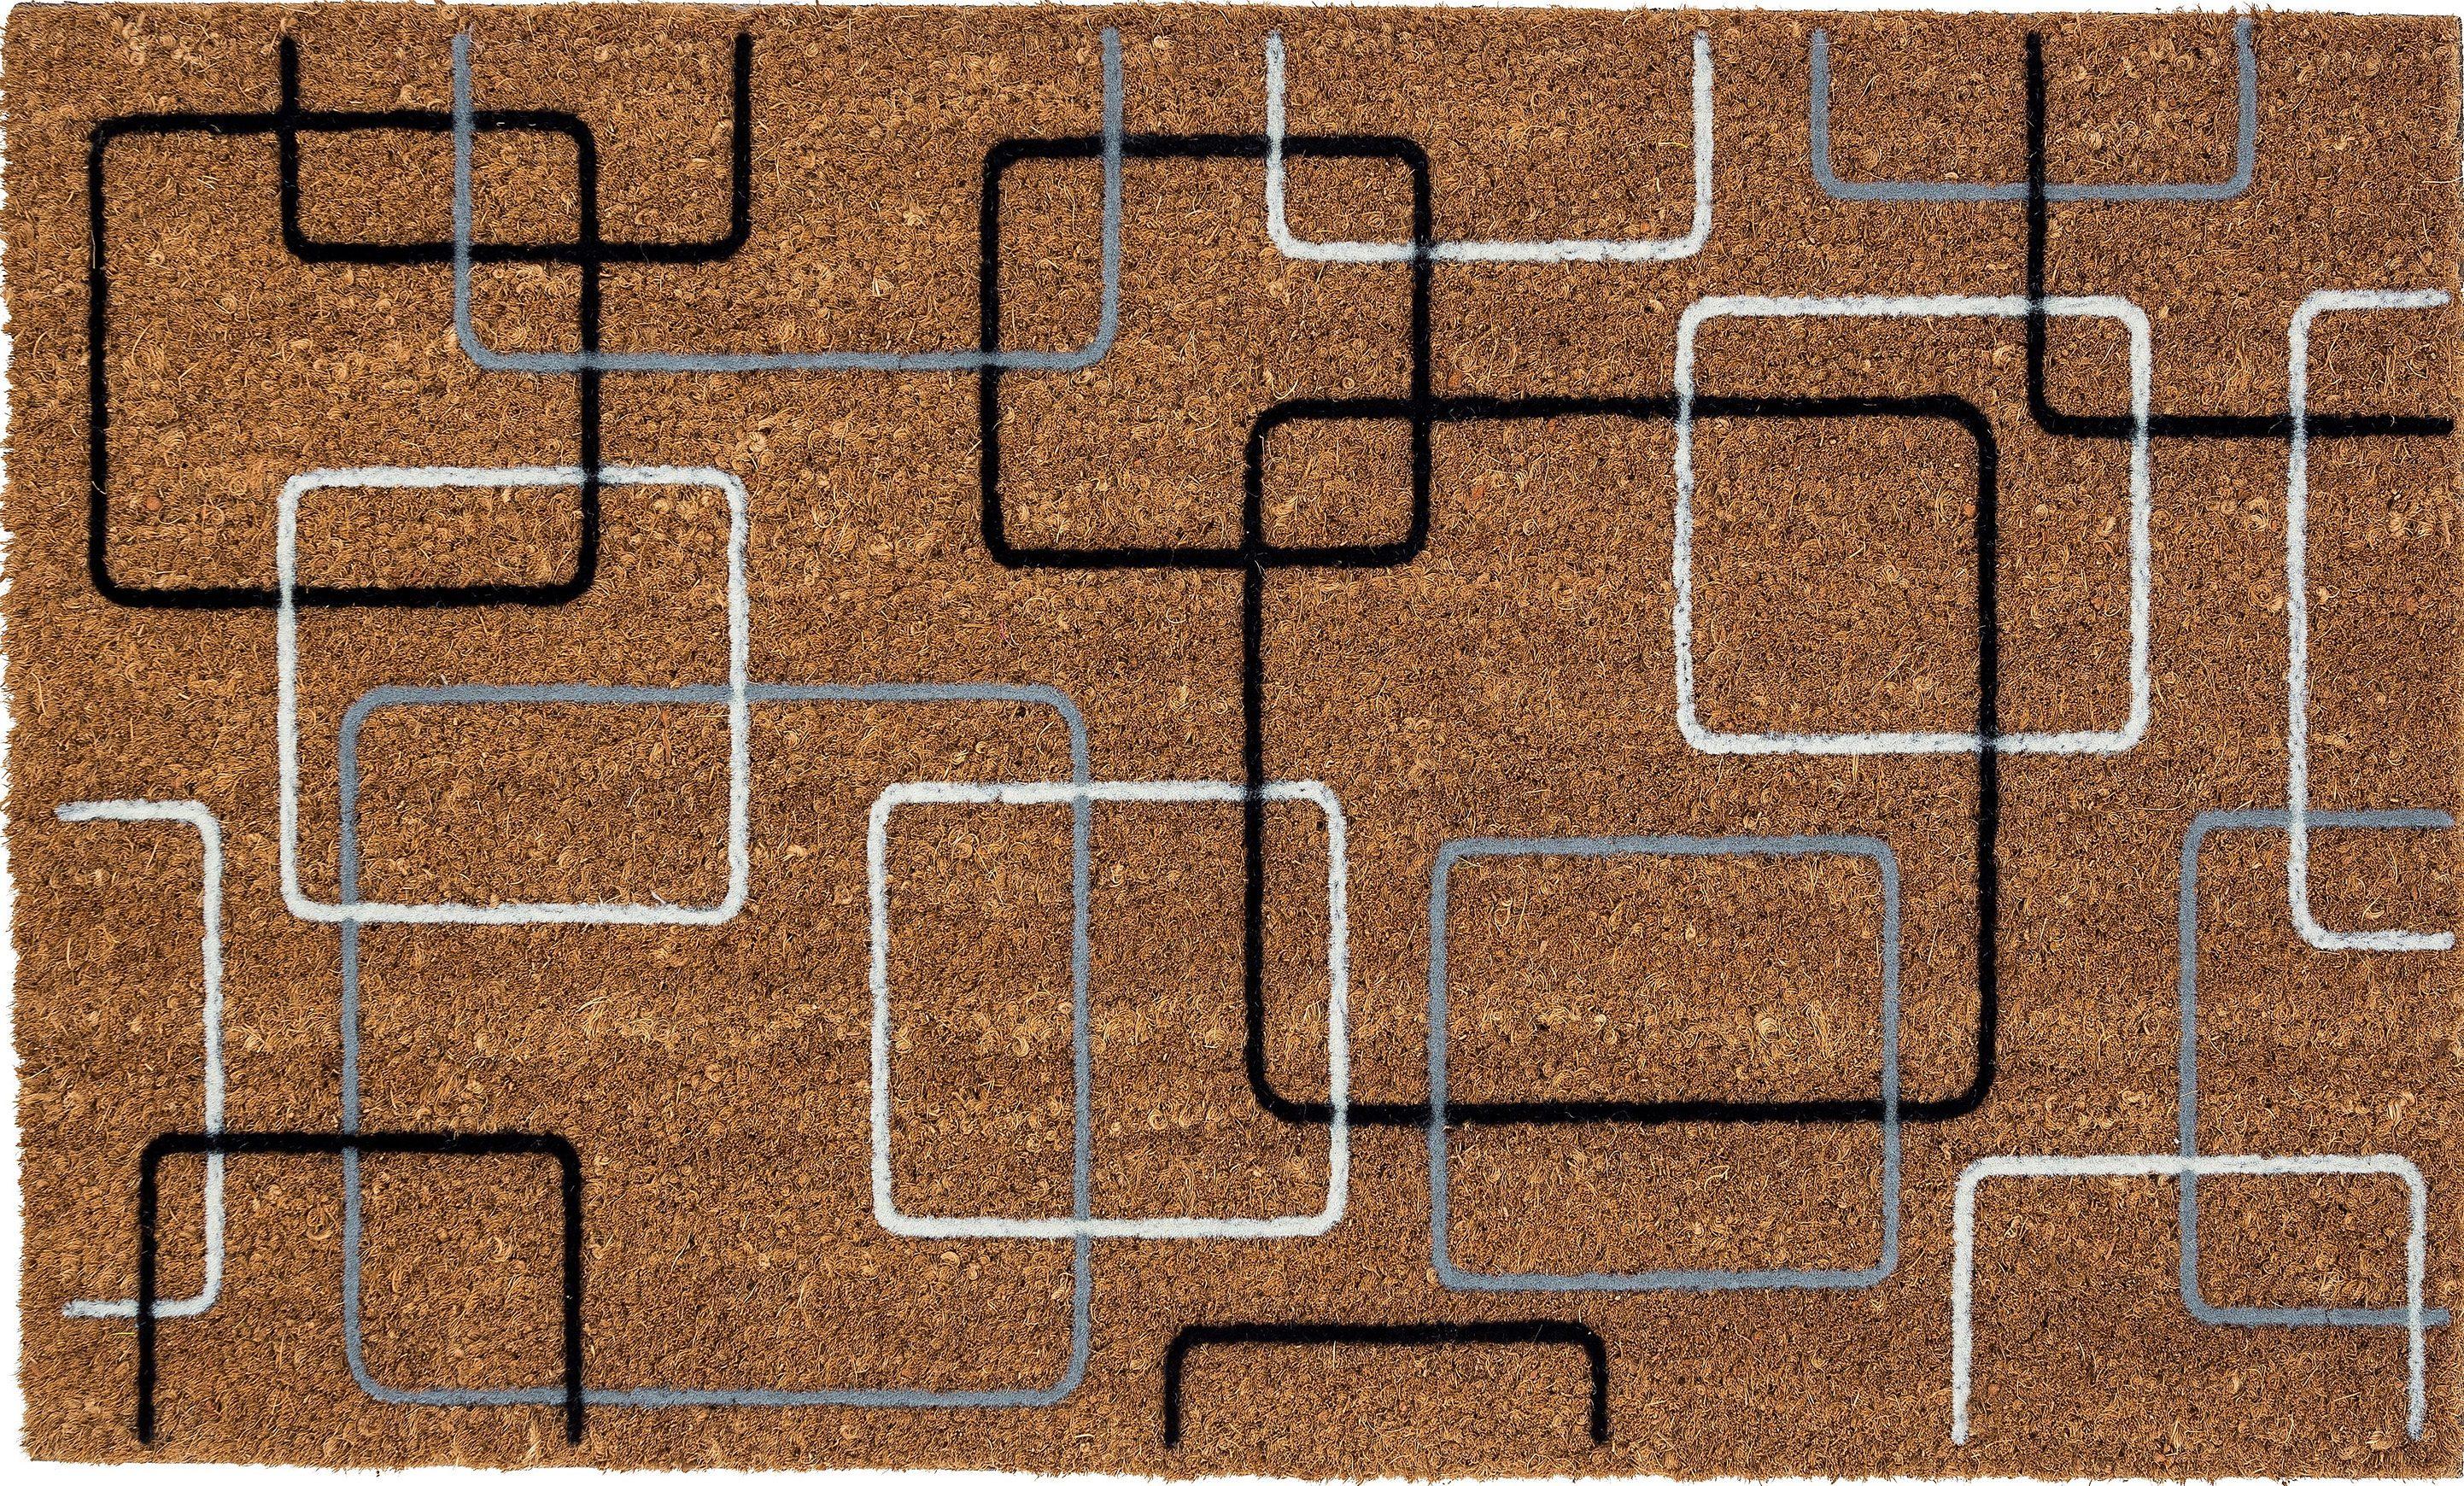 Fußmatte »Coco Retro«, Astra, rechteckig, Höhe 14 mm, aus robustem Kokos